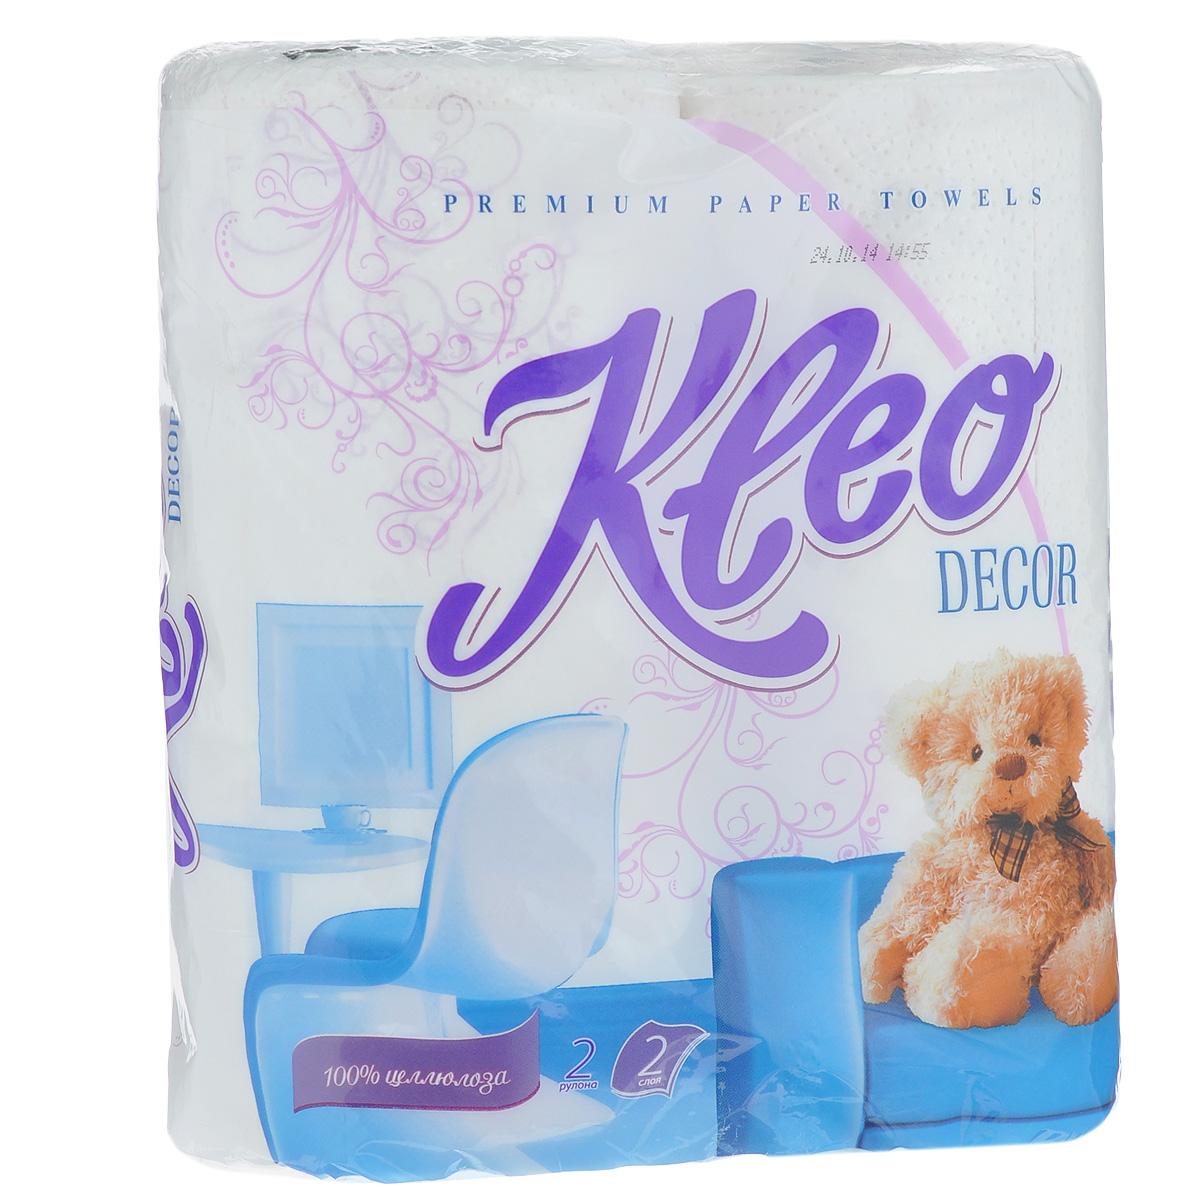 Полотенца бумажныеKleo Decor, двухслойные, цвет: белый, 2 рулонаMW-3101Бумажные полотенца Kleo Decor созданы из экологически чистого волокна - 100% целлюлозы. Двухслойные, с цветным рисунком. Хорошо впитывают влагу и идеально подходят для ежедневного использования.Количество листов: 48 шт. Количество слоев: 2. Размер листа: 25 см х 23 см. Состав: 100% целлюлоза.